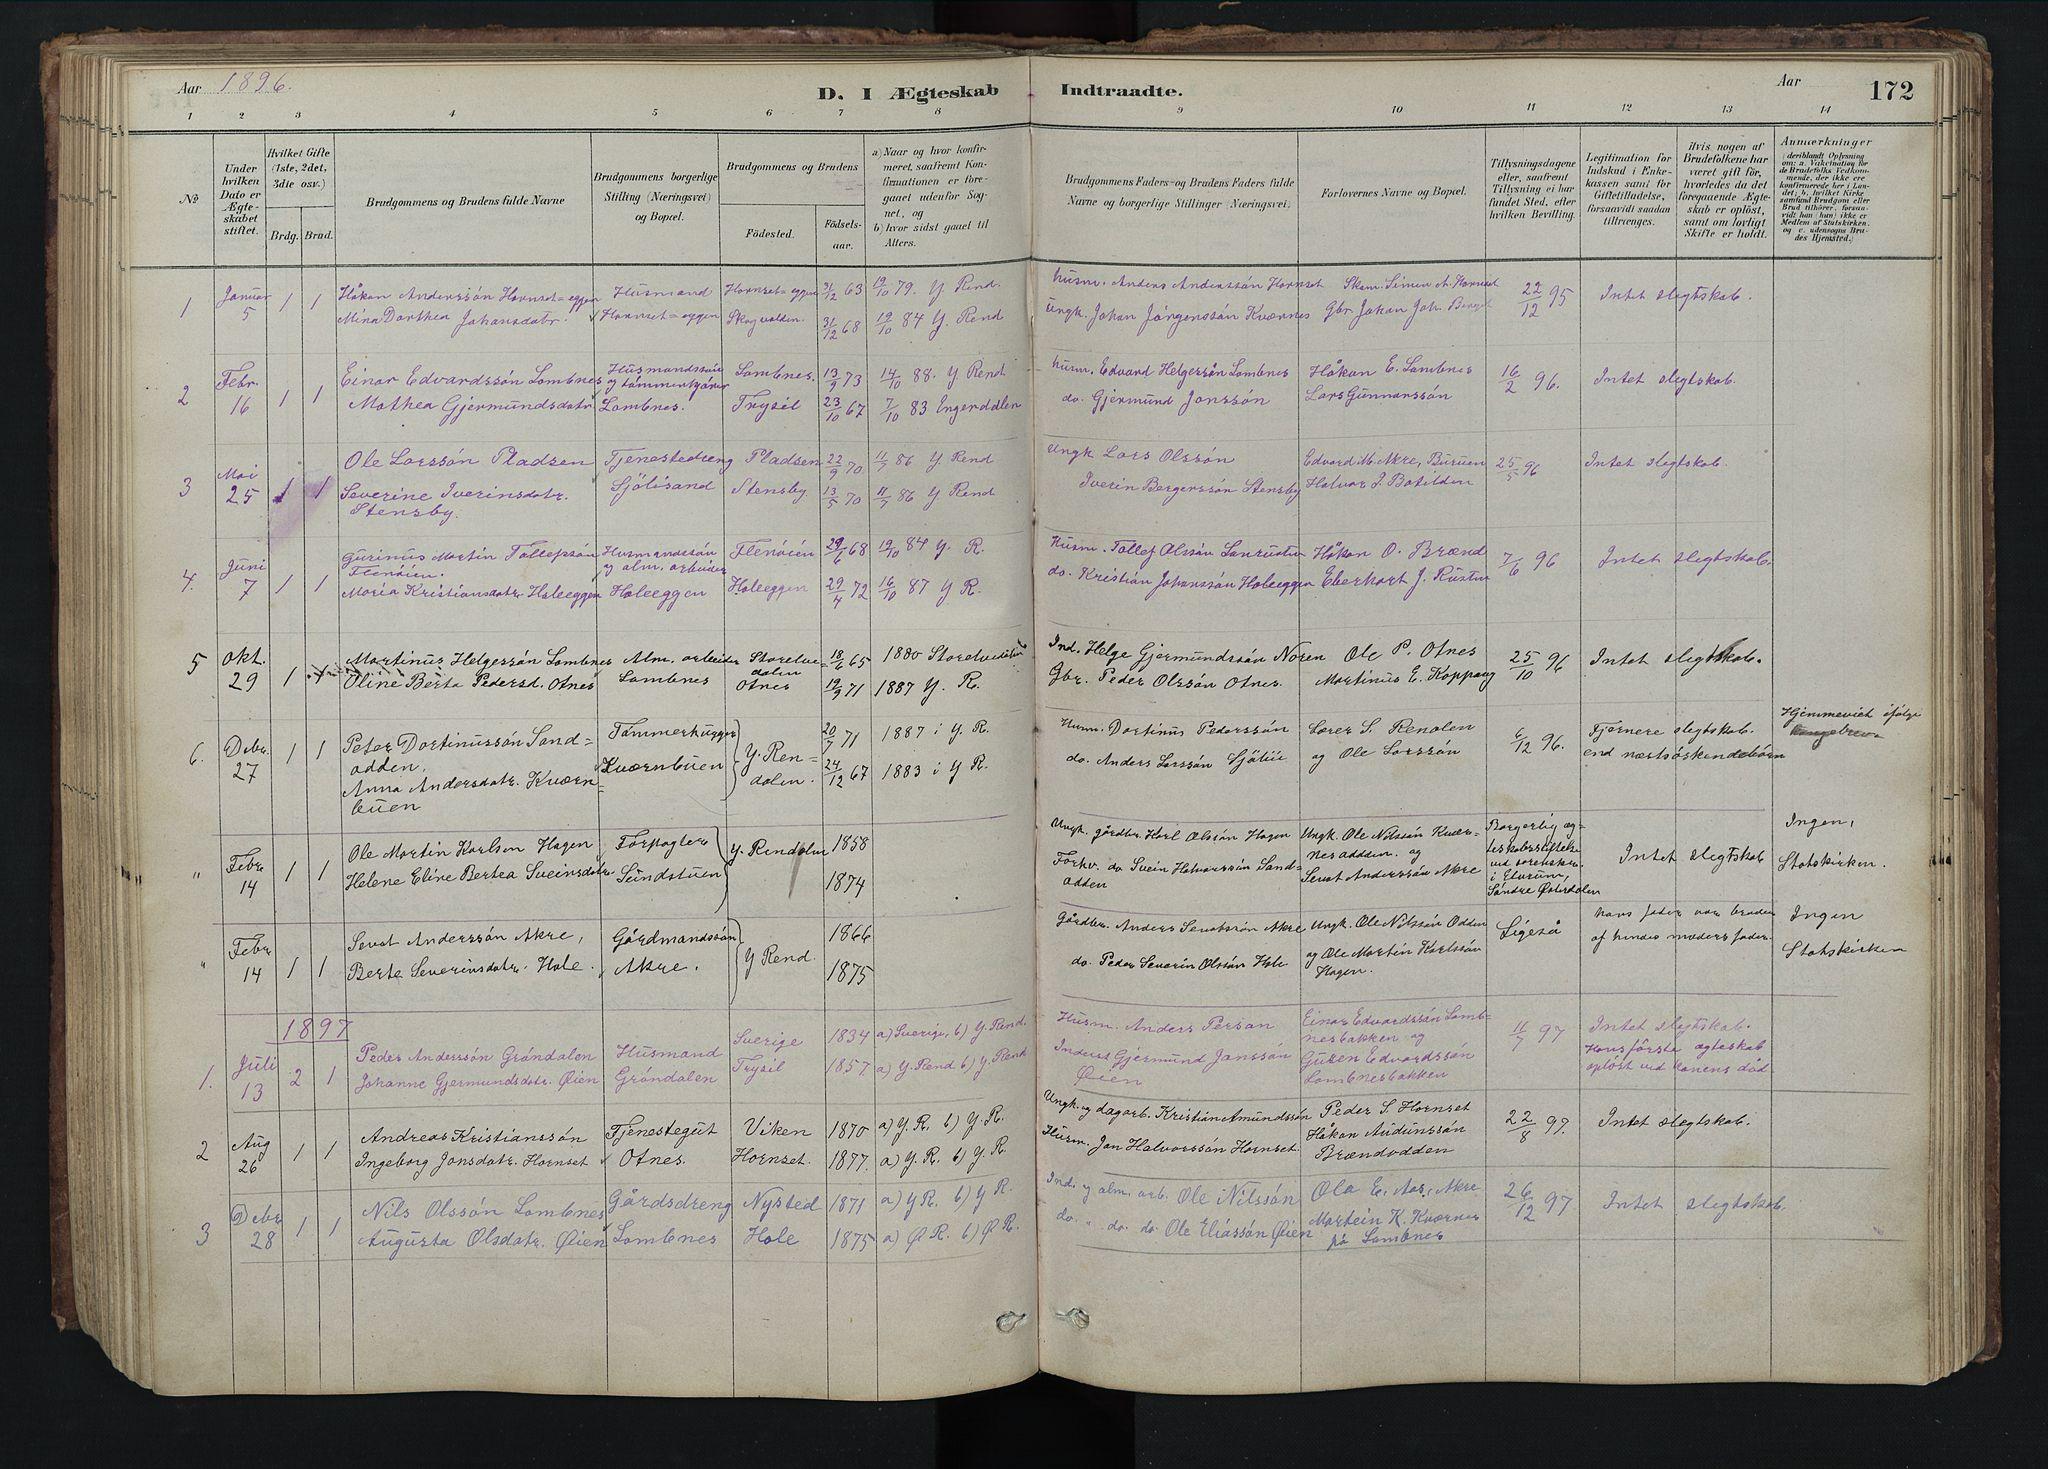 SAH, Rendalen prestekontor, H/Ha/Hab/L0009: Klokkerbok nr. 9, 1879-1902, s. 172